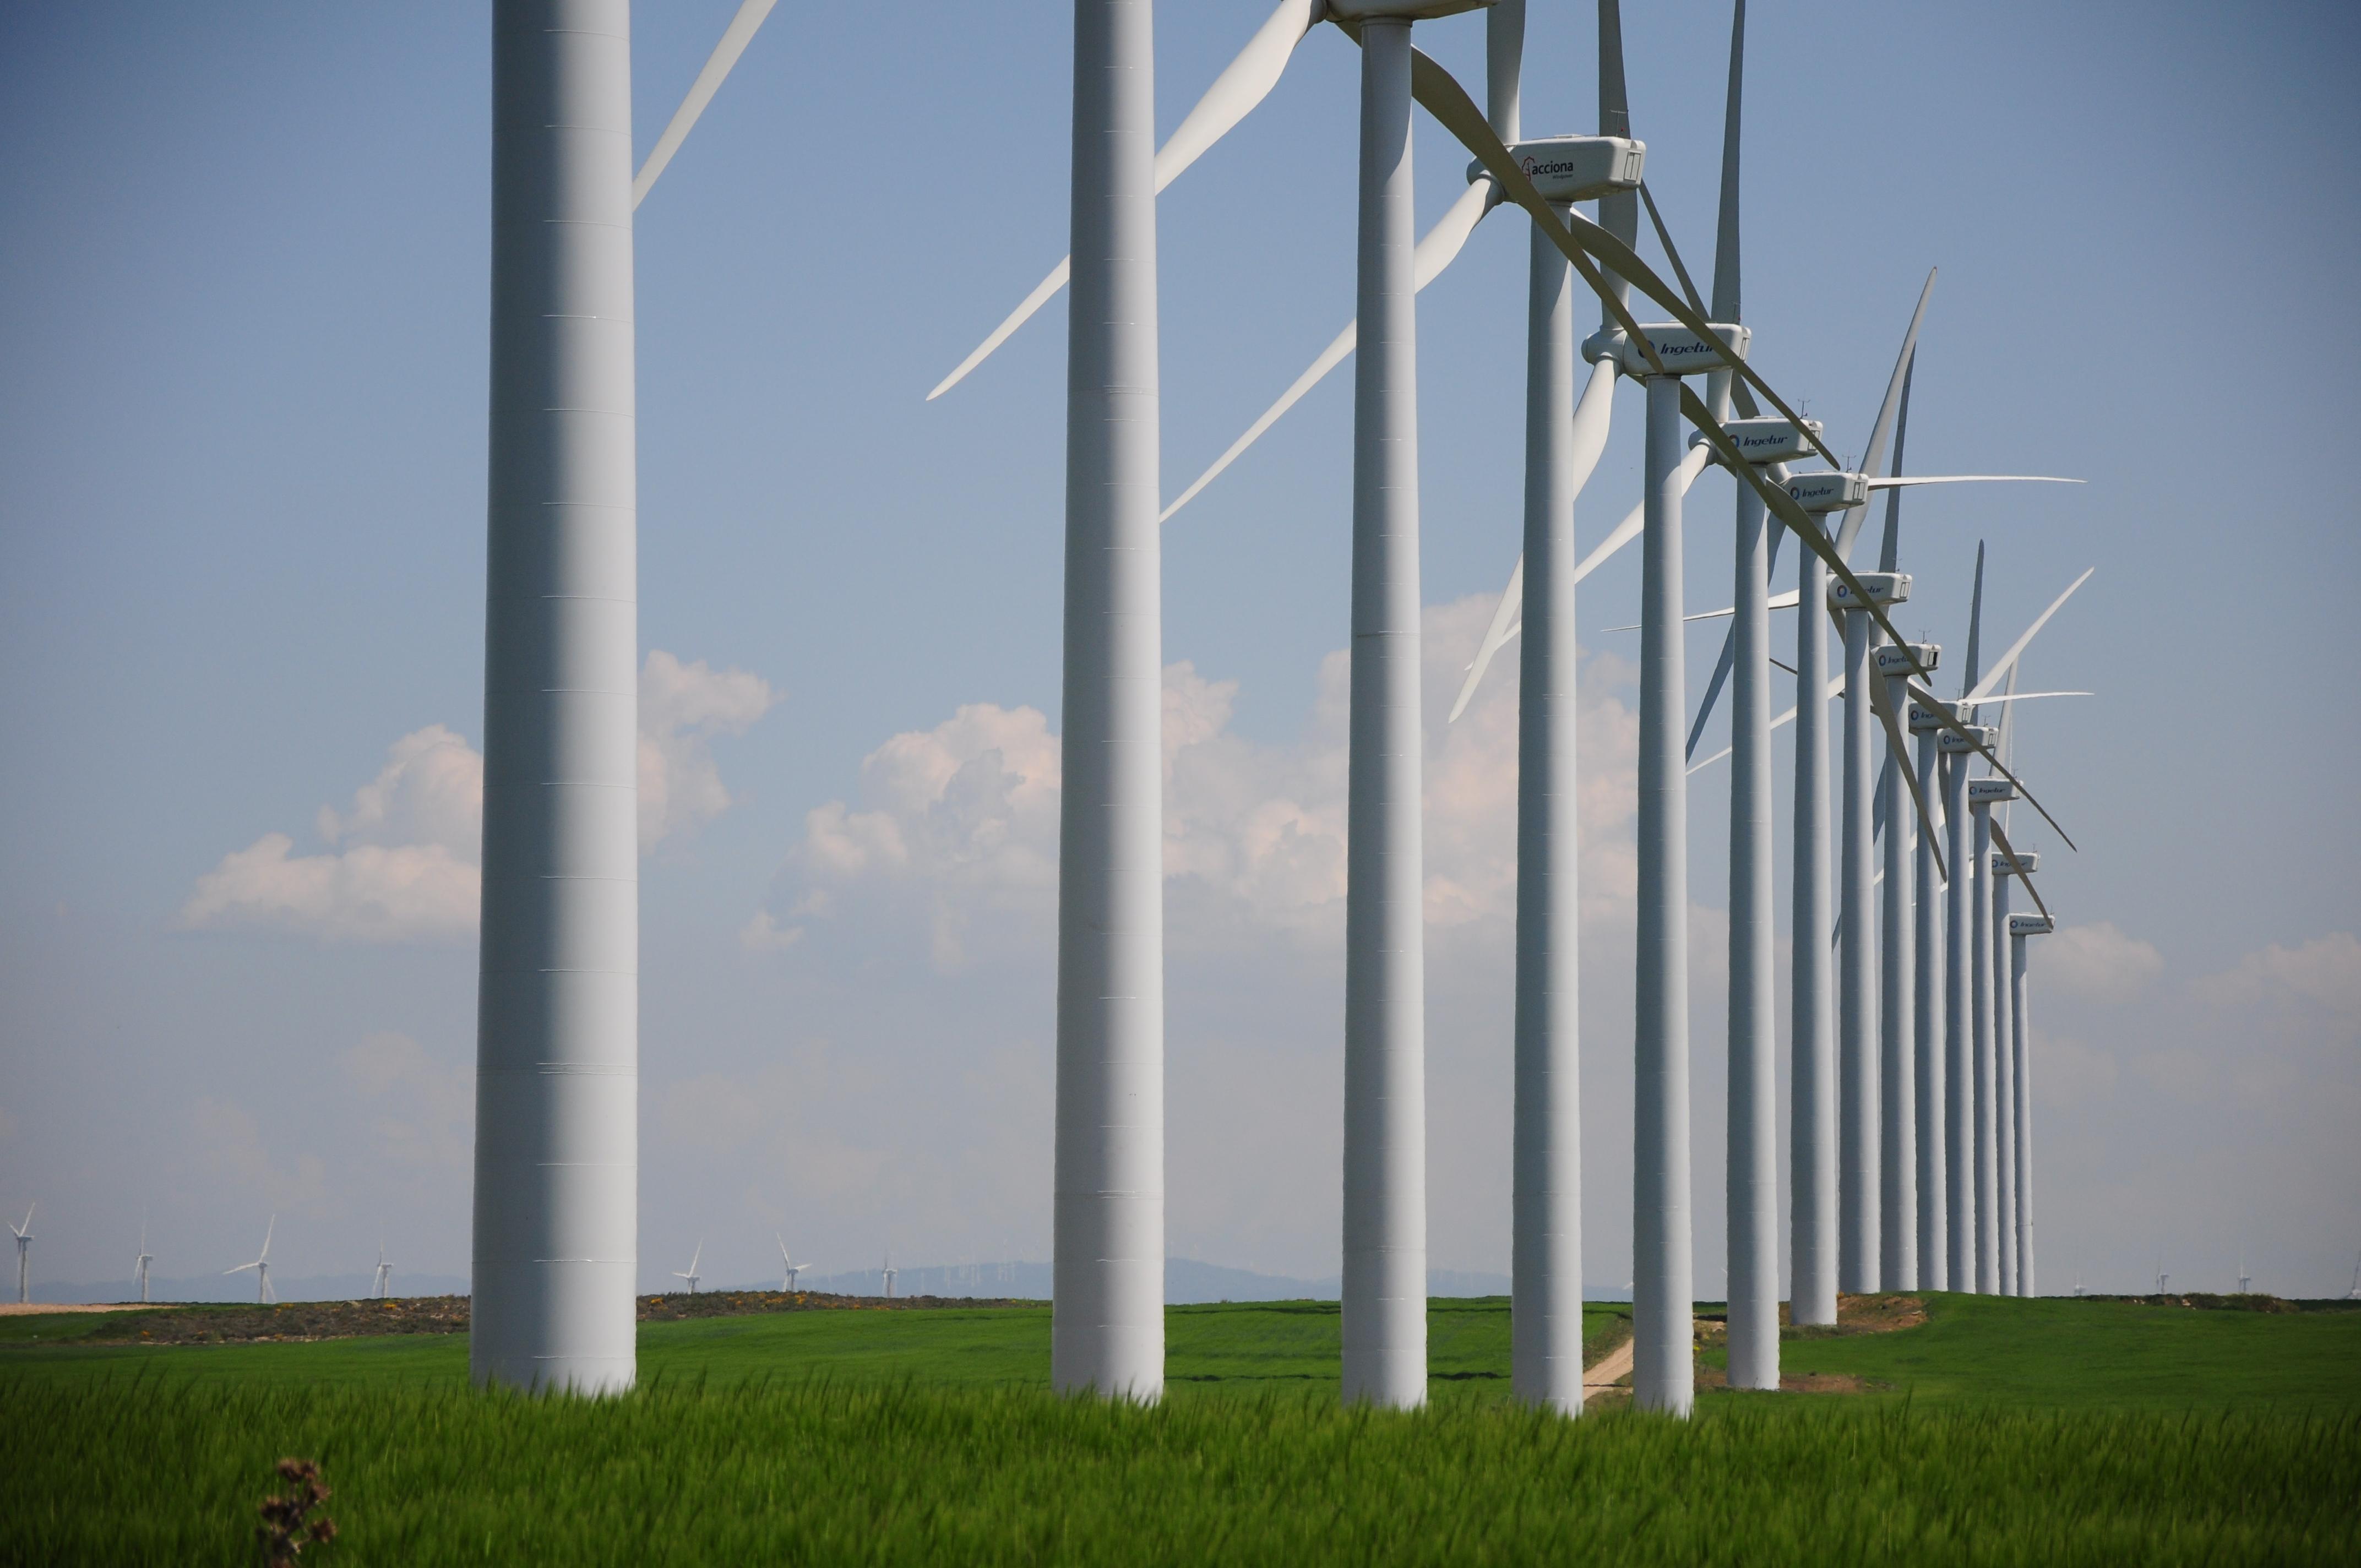 La eólica ya representa el 3% del consumo eléctrico mundial